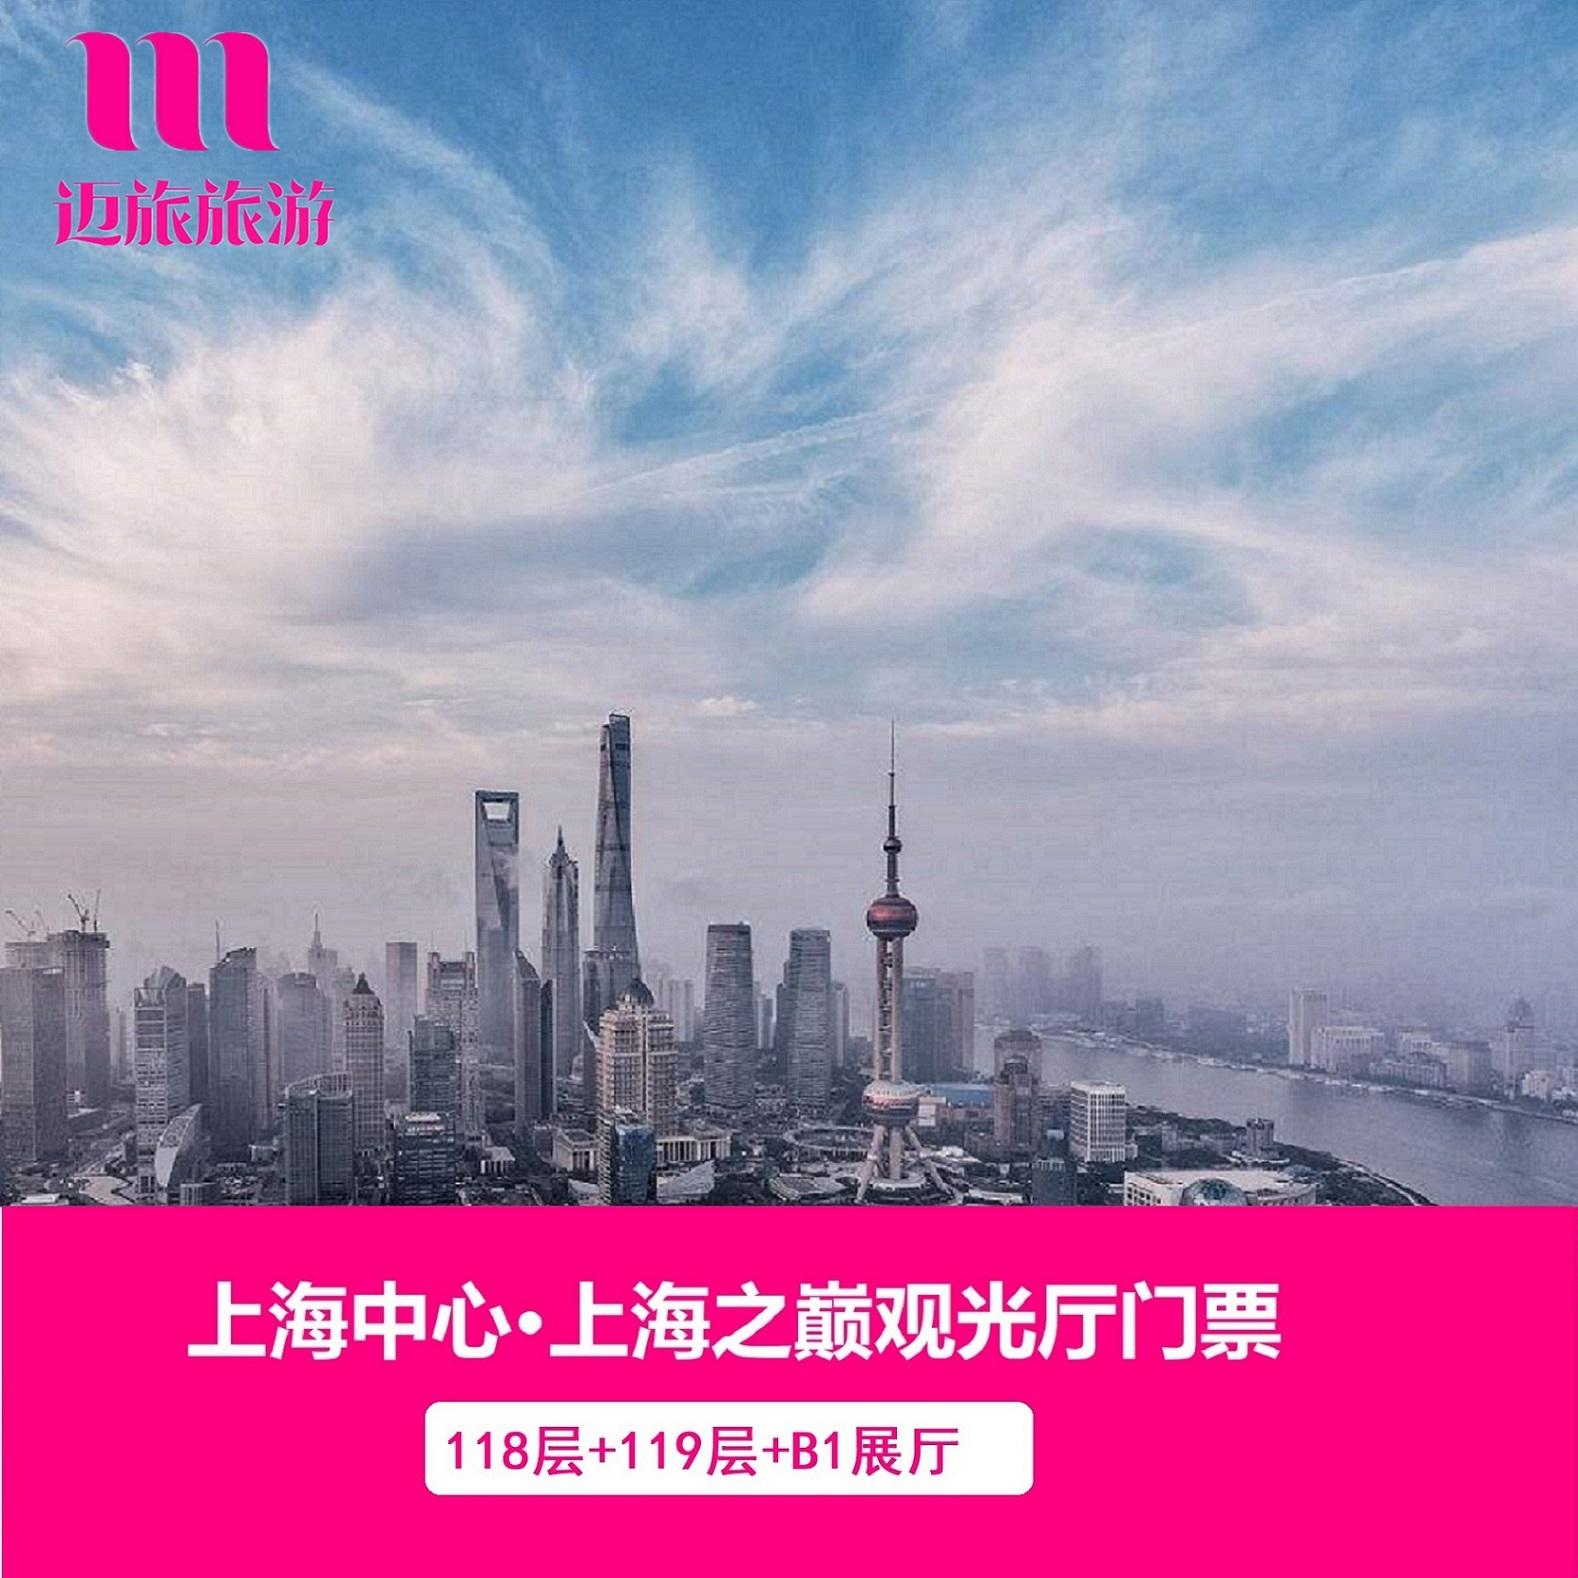 【统一入园】上海中心大厦118层+119层B1层上海之巅